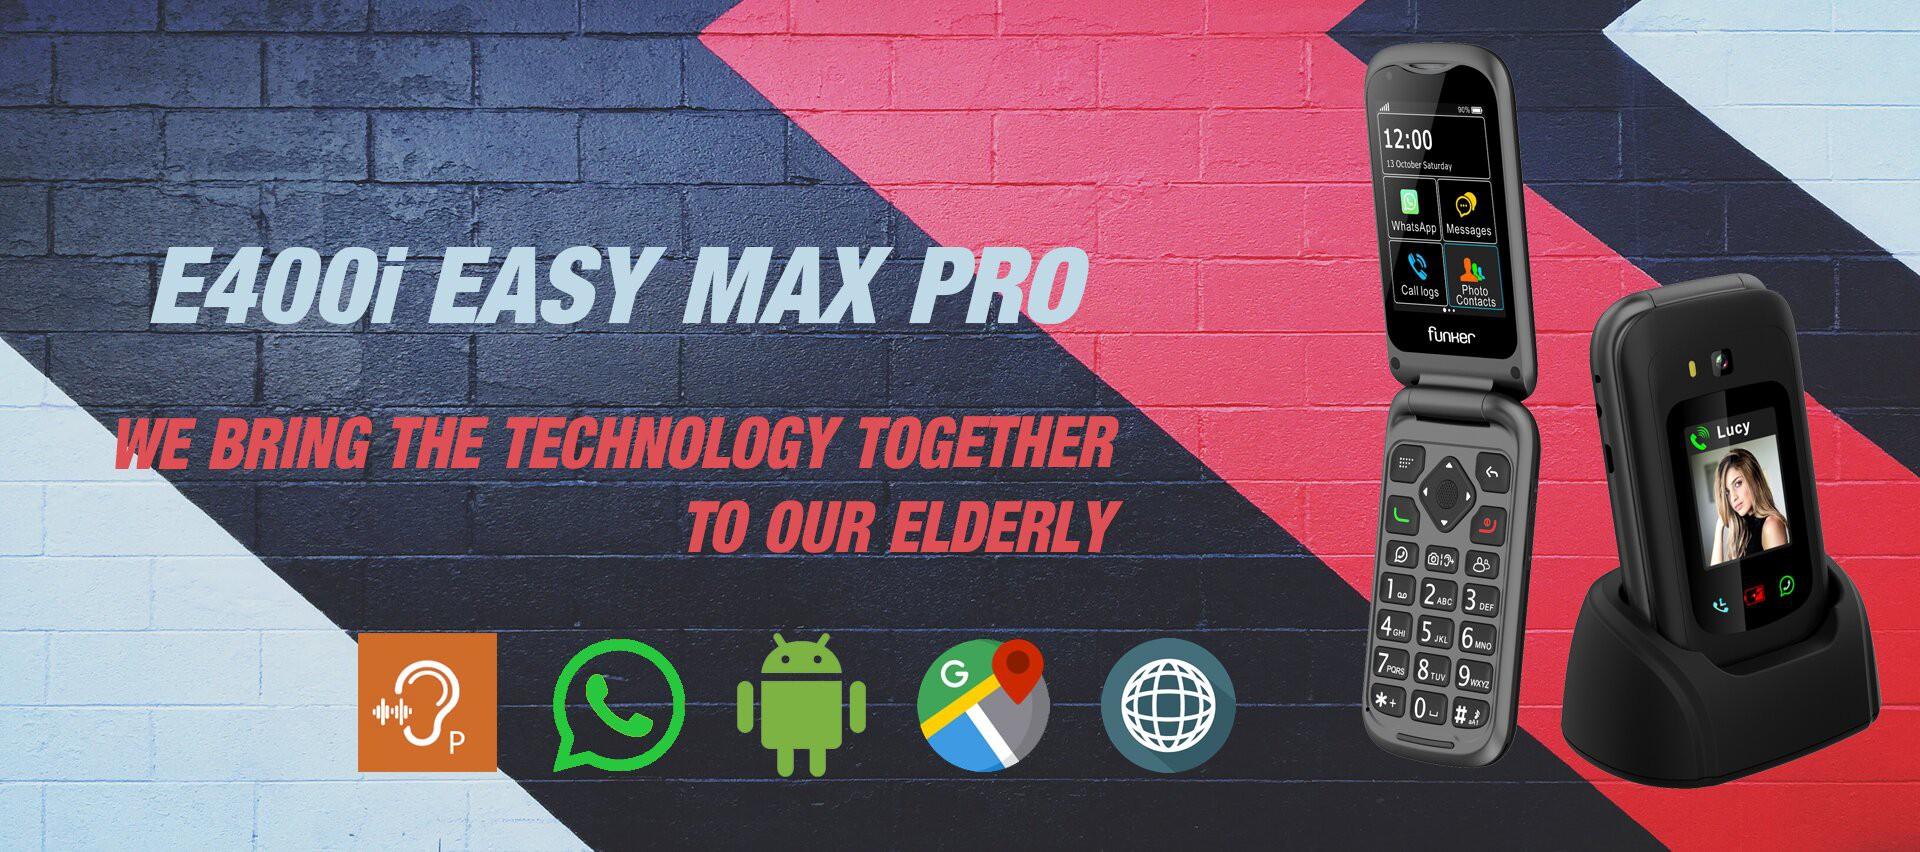 E400i EASY MAX